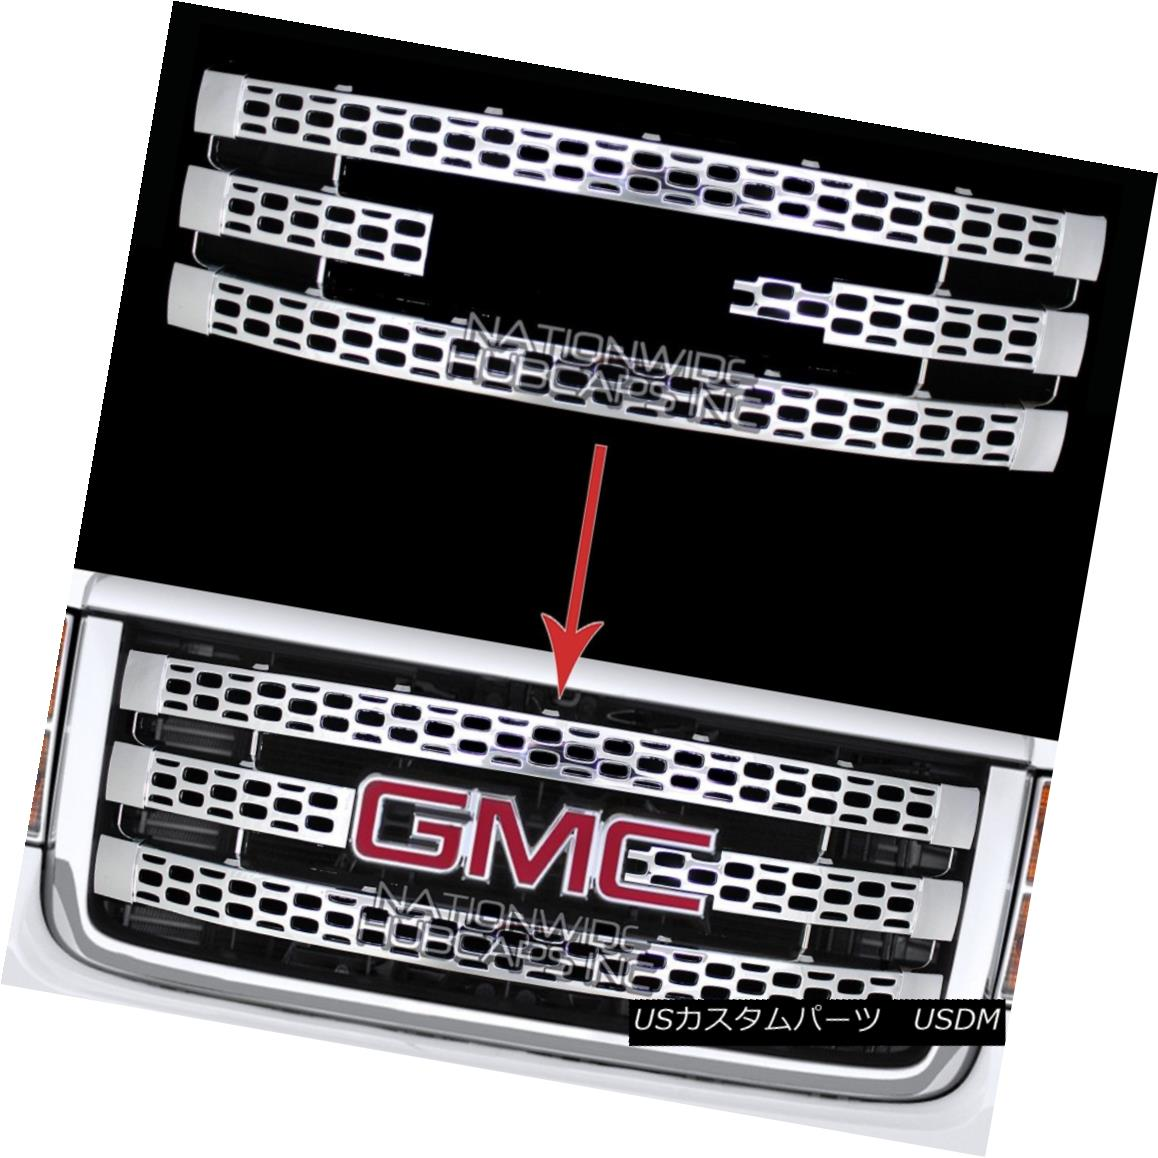 グリル for 11-14 GMC Sierra 2500 3500 CHROME Snap On Grille Overlay Grill Cover Inserts 11-14 GMC Sierra 2500 3500 CHROMEスナップオングリルオーバーレイグリルカバーインサート